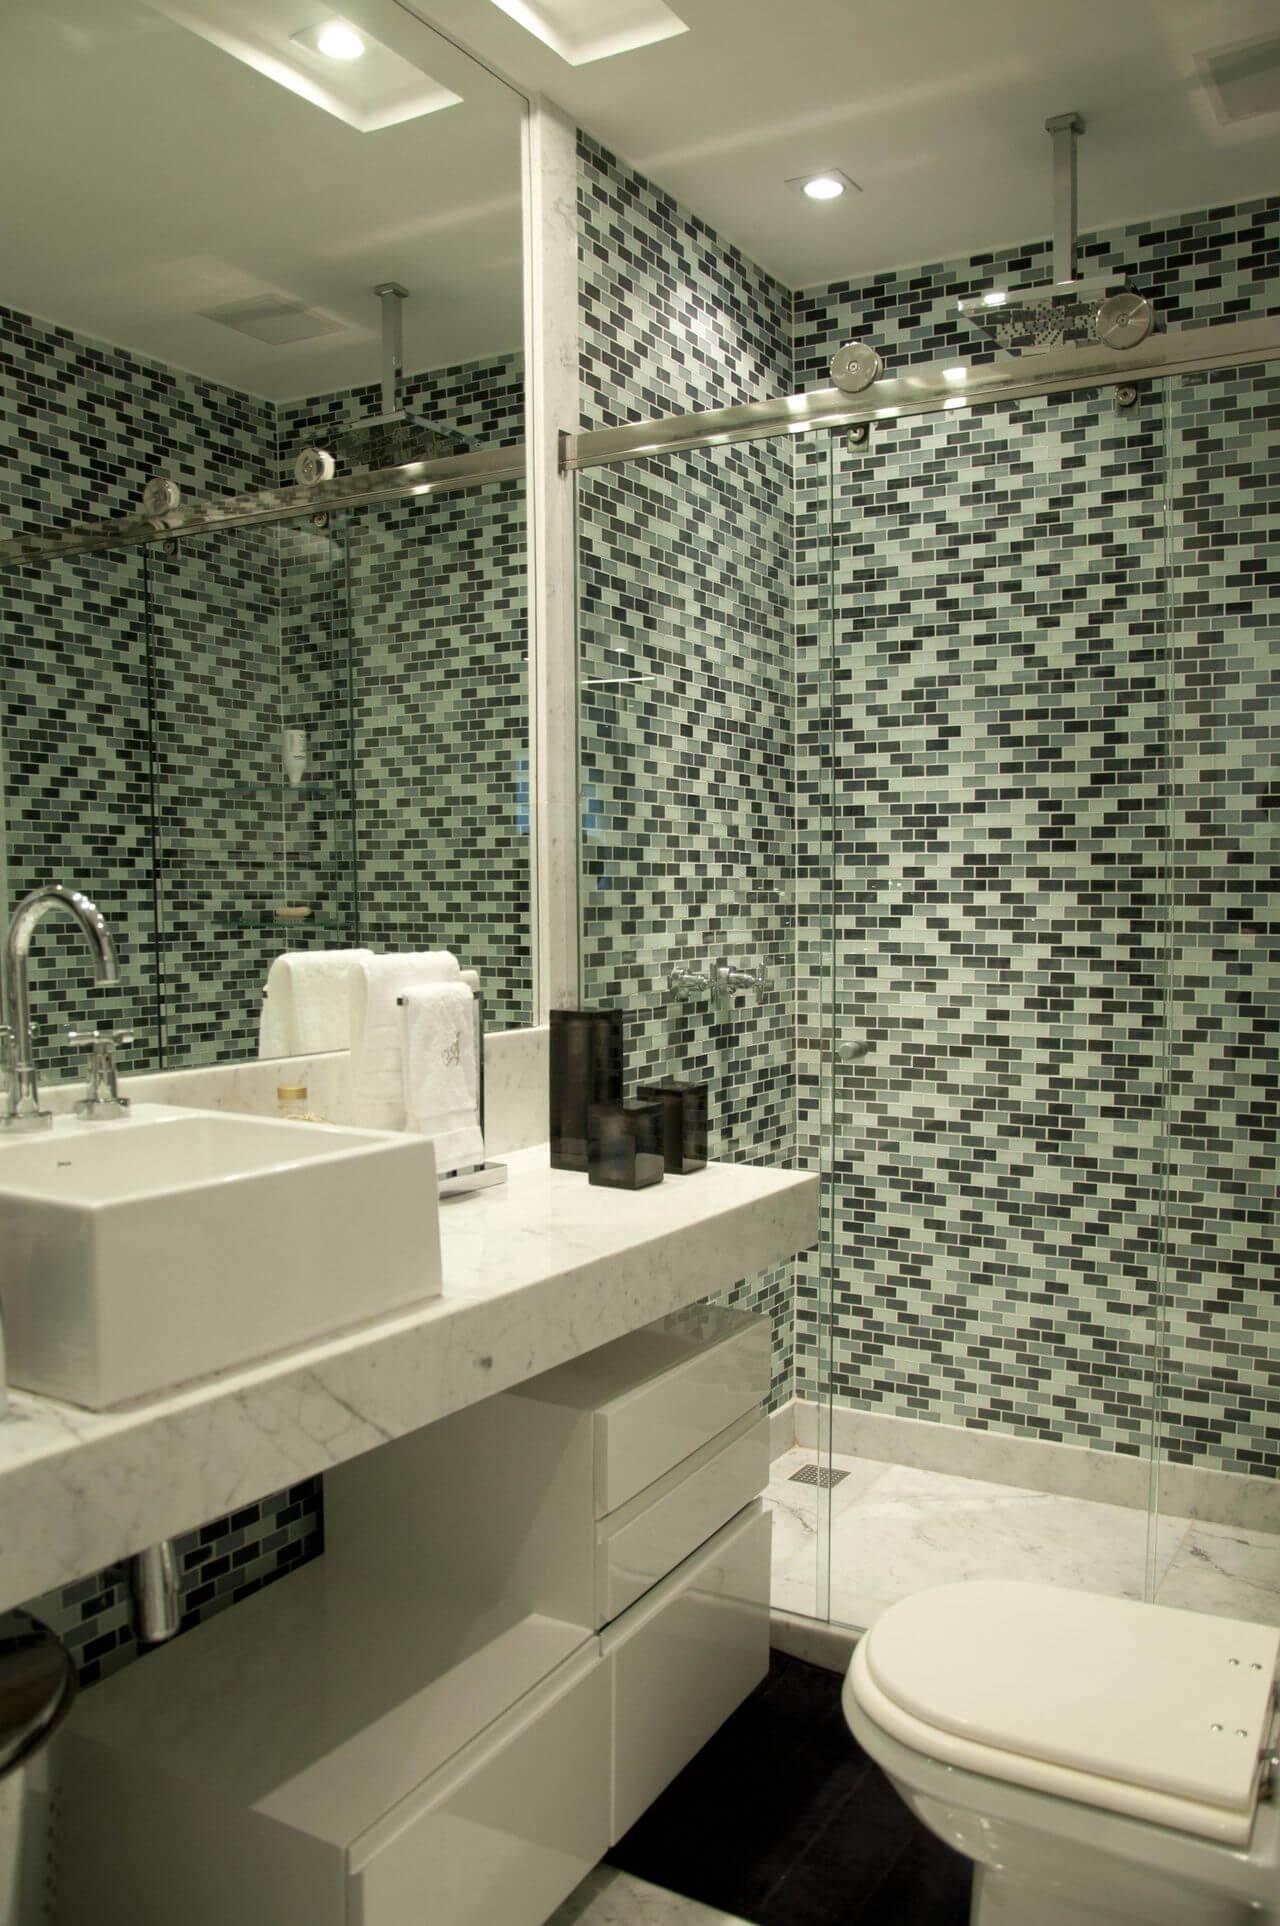 Decoração de banheiro com espaço para armazenamento abaixo da pia Projeto de Léo Shehtman